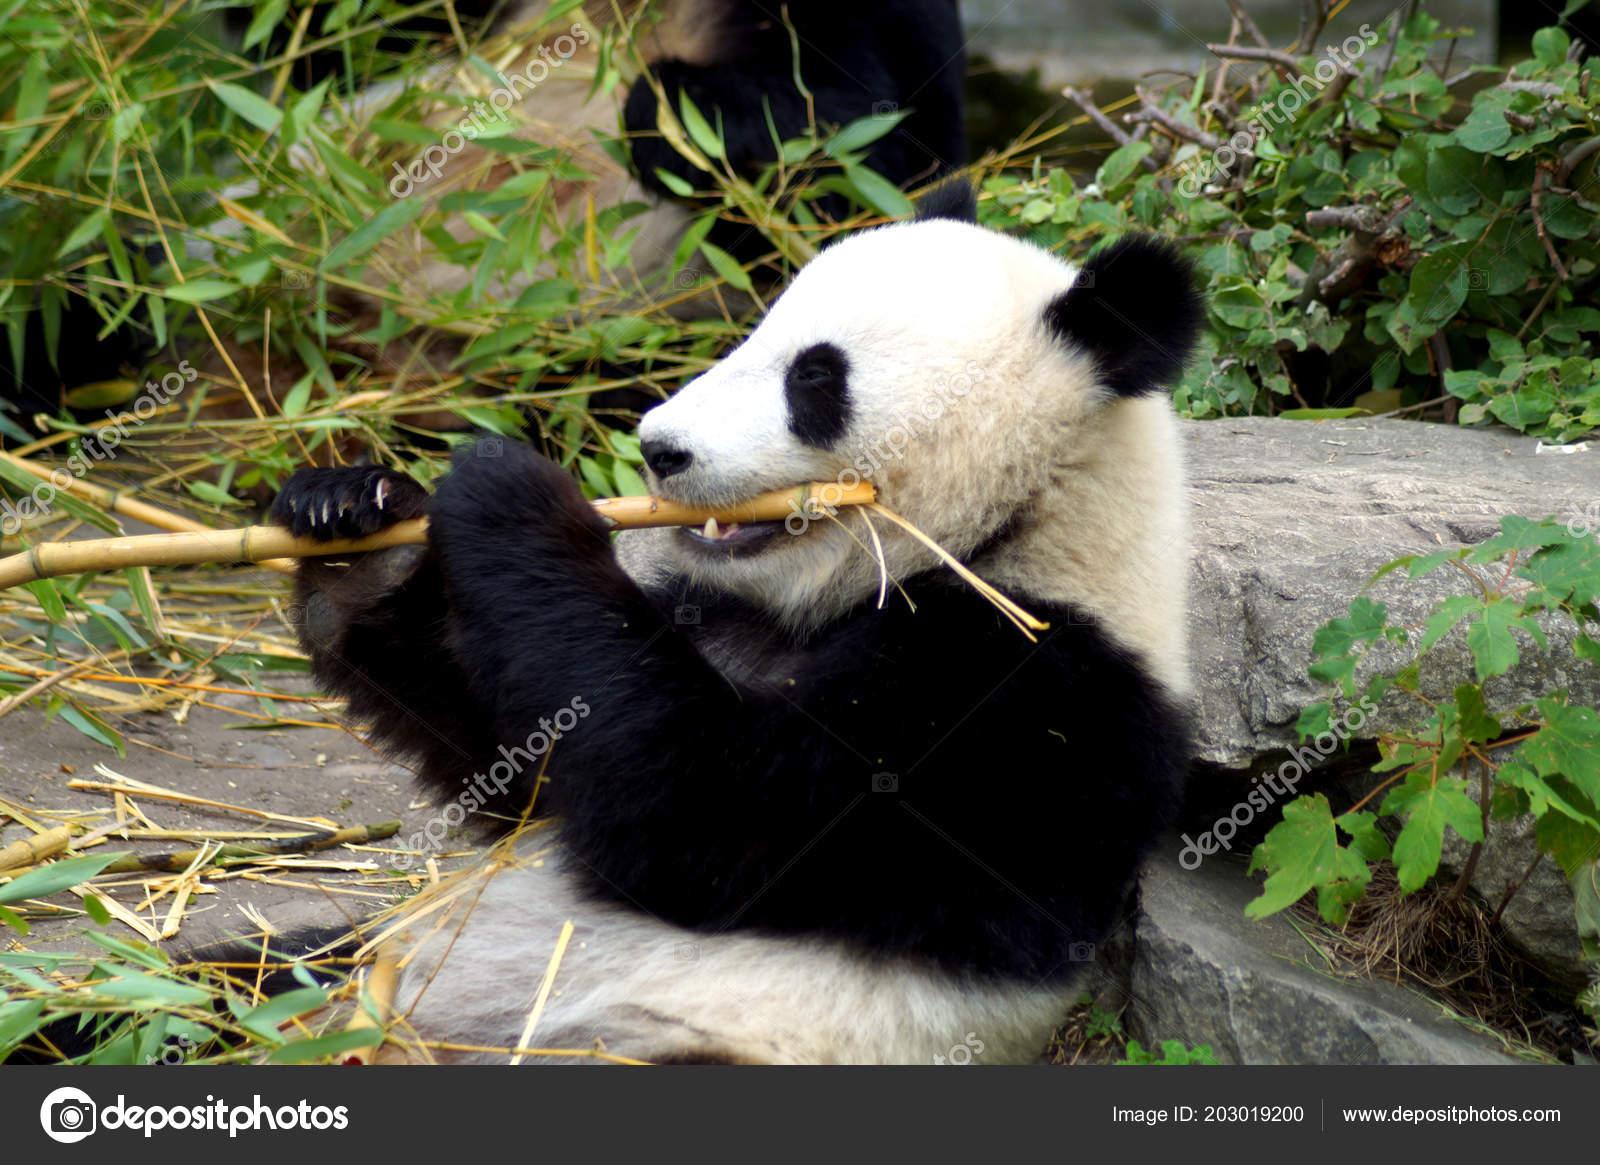 Groer Pandabr Beim Bambus Essen Stock Photo C Spiderwoman81 203019200